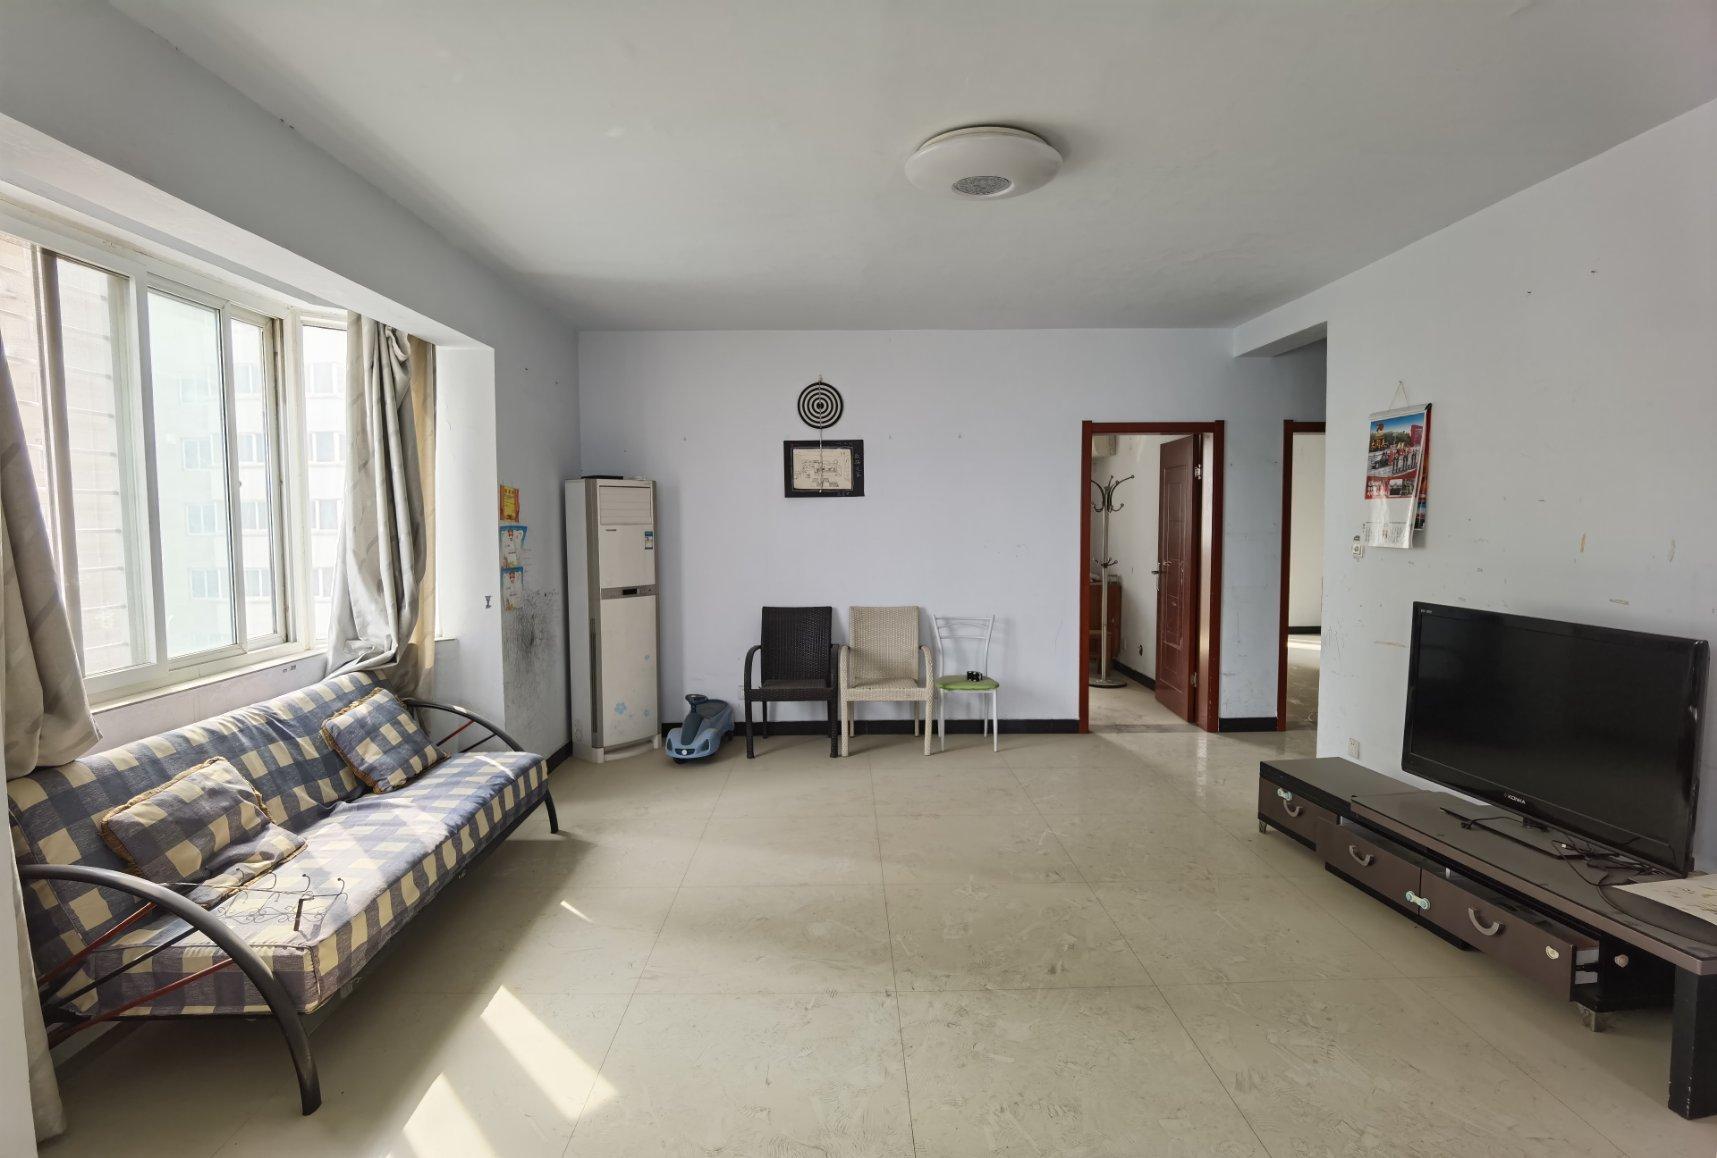 各自付税,看房方便,房主急售东郡府苑精装3室2厅1卫2阳台